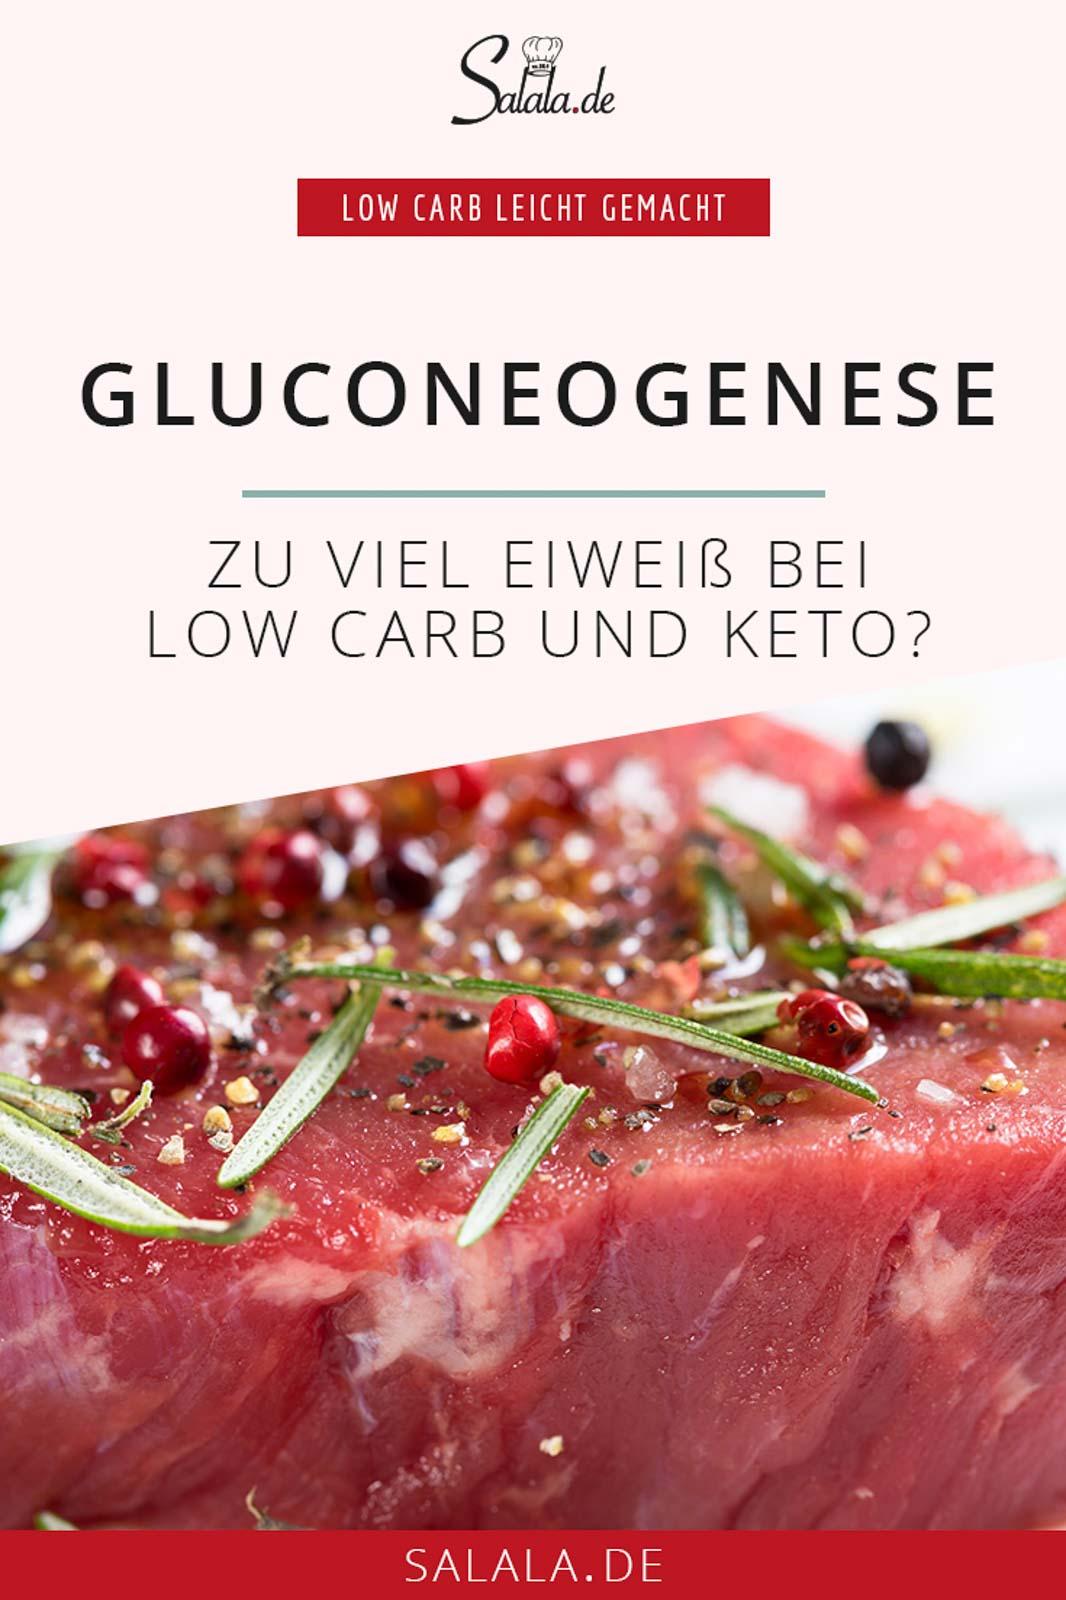 #gluconeogenese #lowcarb #keto #wievielprotein #zuvielprotein